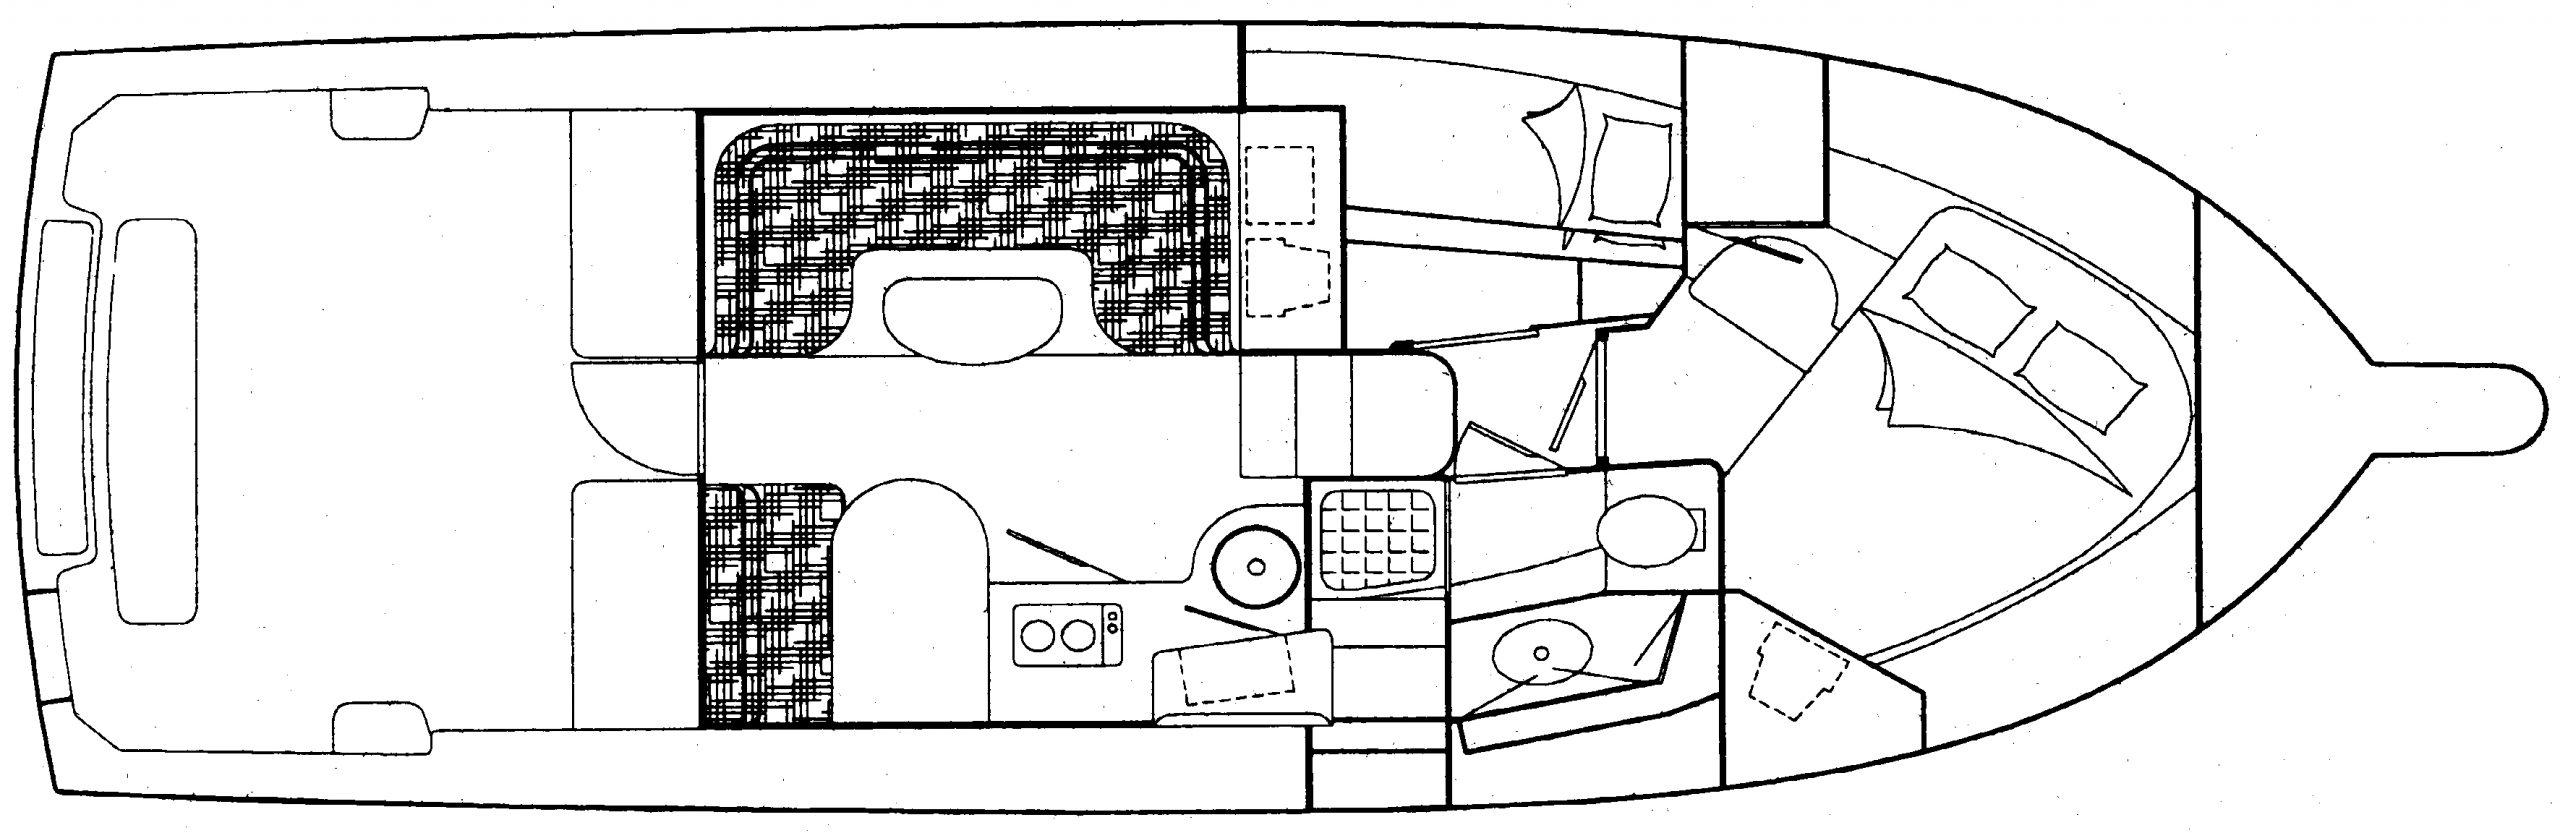 36 Convertible Floor Plan 1